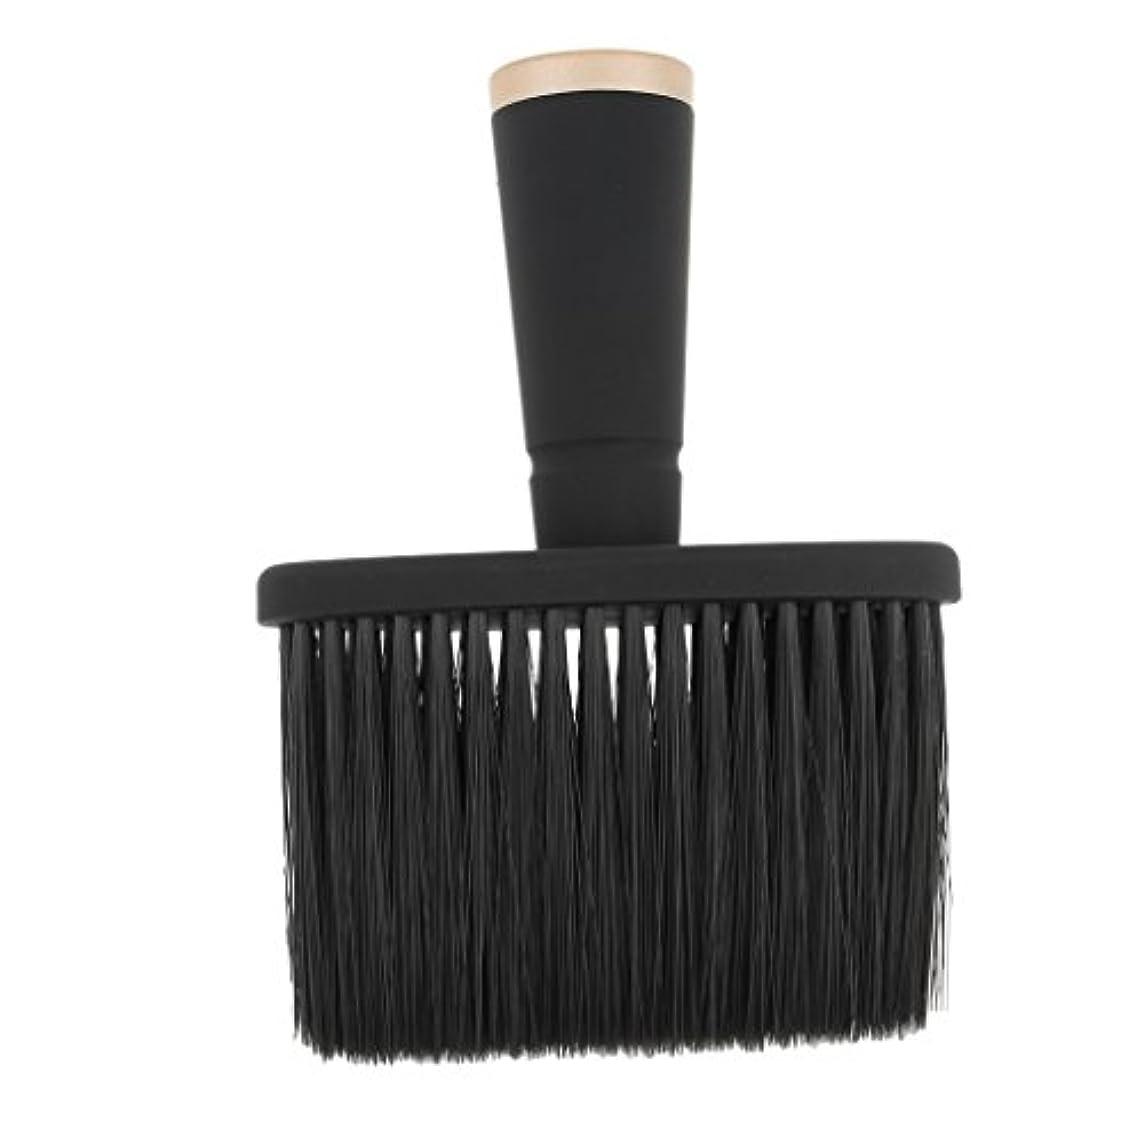 検出する検出対人Toygogo プロの理髪師の首のダスターのブラシ、毛の切断のための柔らかいクリーニングの表面ブラシ、携帯用設計 - ゴールド